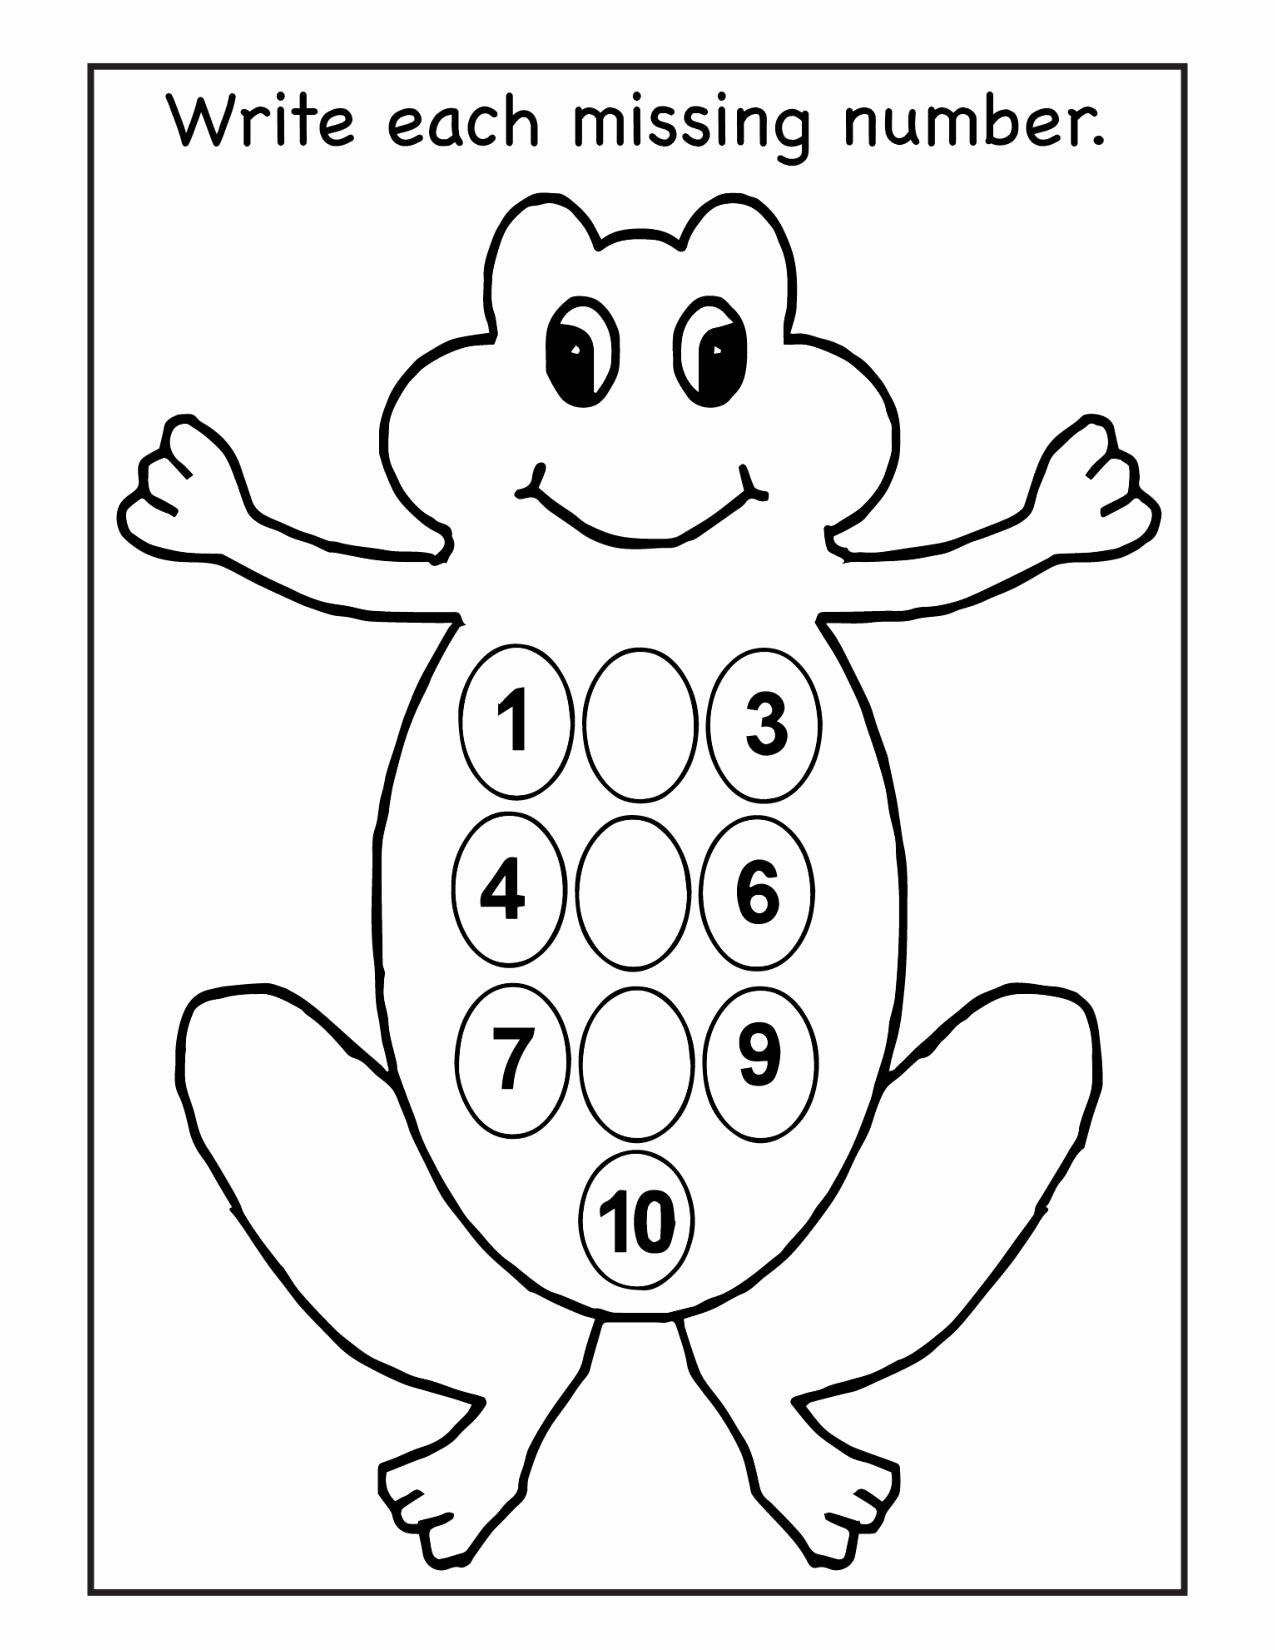 Missing Number Worksheets 1 10 top Worksheets Number Worksheet Missing Printable Worksheets